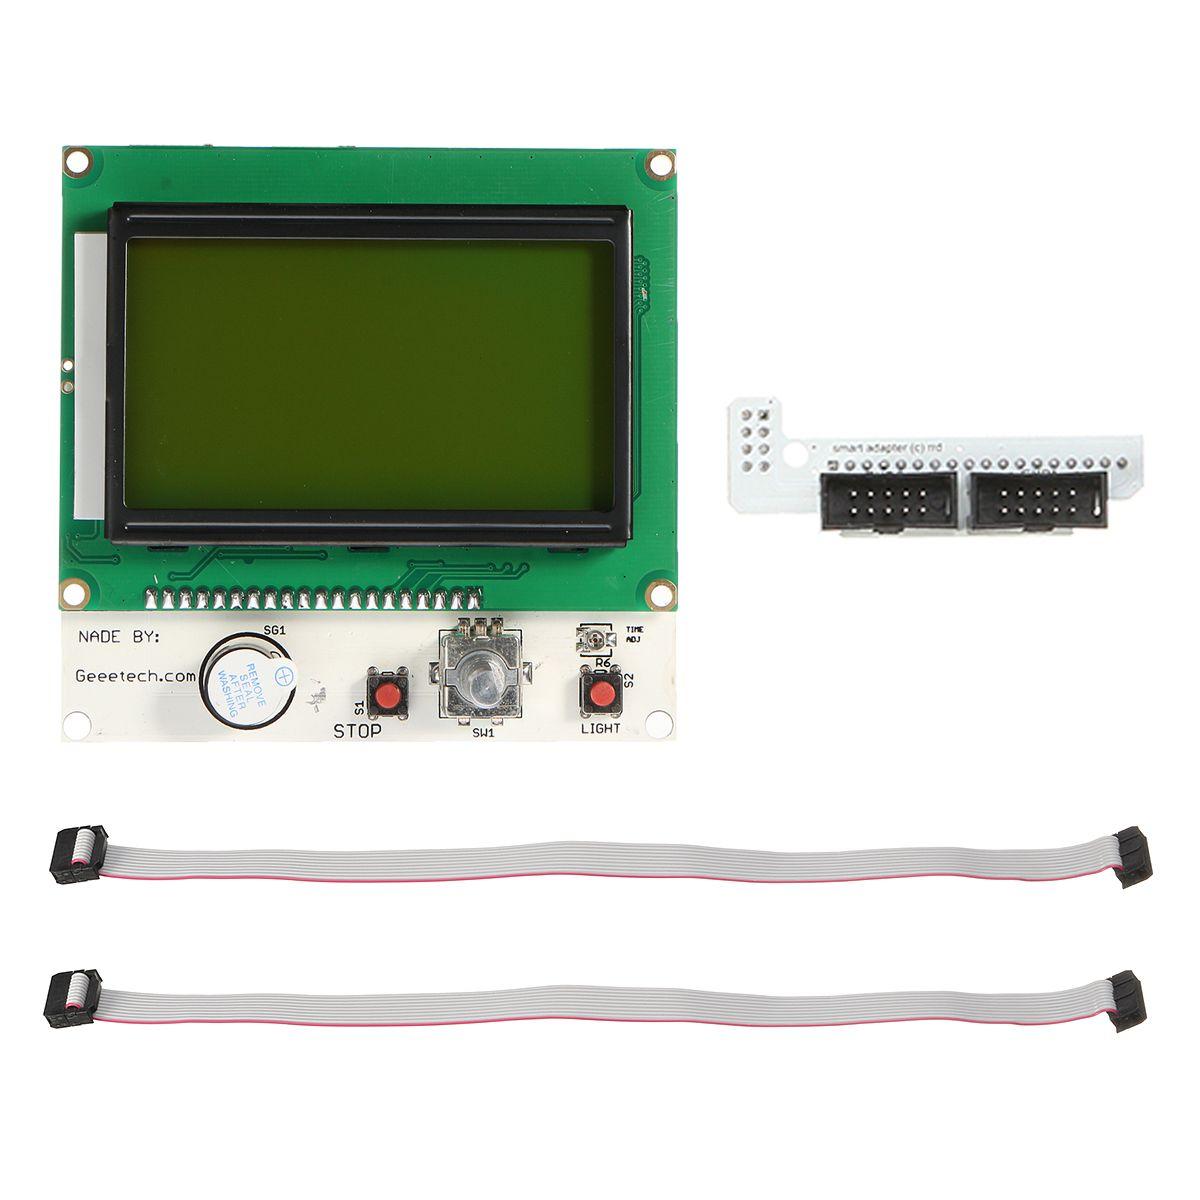 Lcd 12864 Impresora 3d Smart Pantalla Controlador Herramientas Kit Mega 2560 R3 Ramps 1 4 5 A4988 Drivers Para Arduino Repeler Ramps14